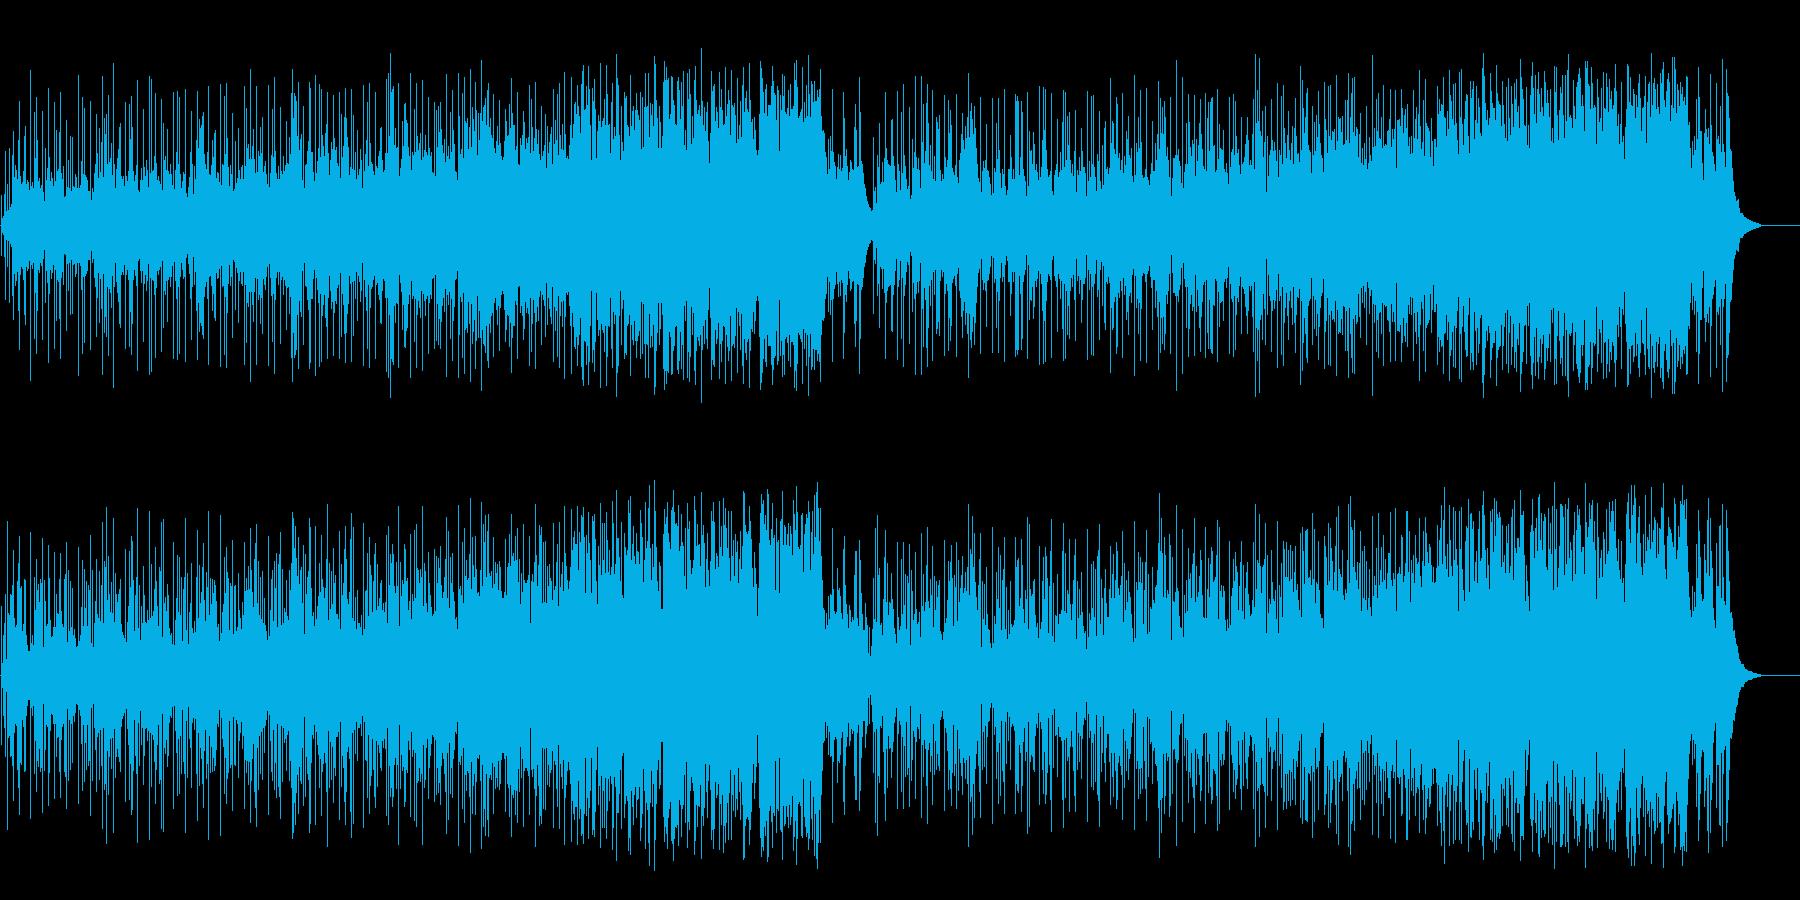 しっとりとした大人のムードのフュージョンの再生済みの波形